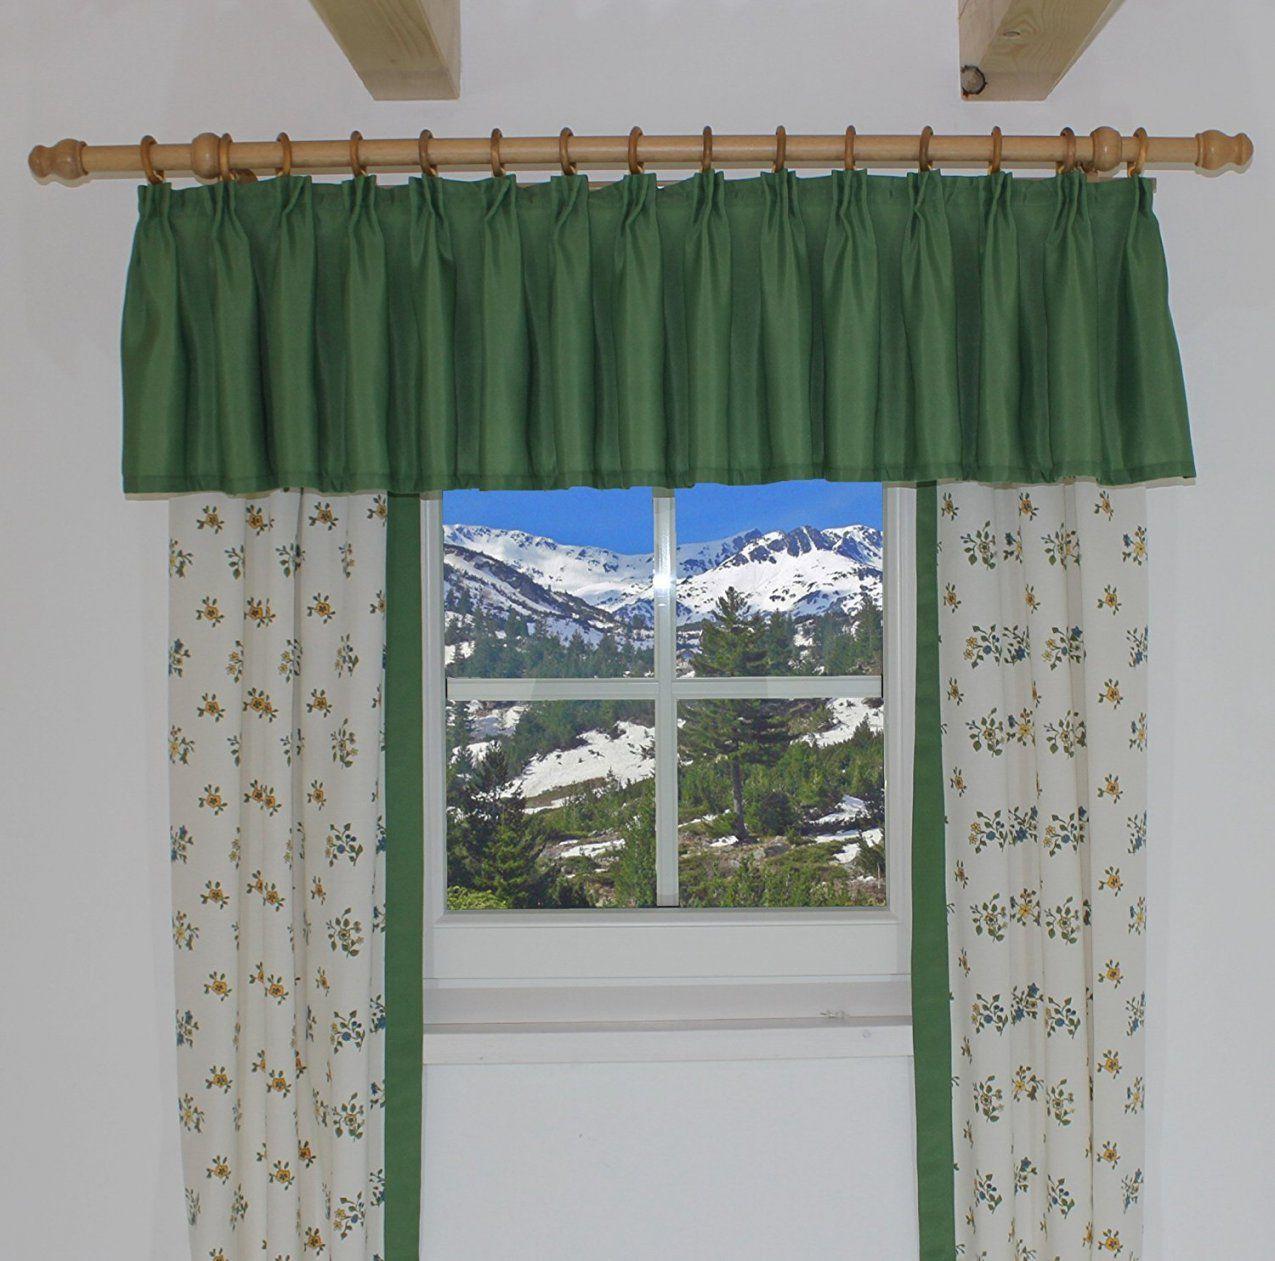 Blau Babyzimmer Design Ideen Zu 25 Oberteil Shabby Gardinen von Gardinen Landhausstil Meterware Photo